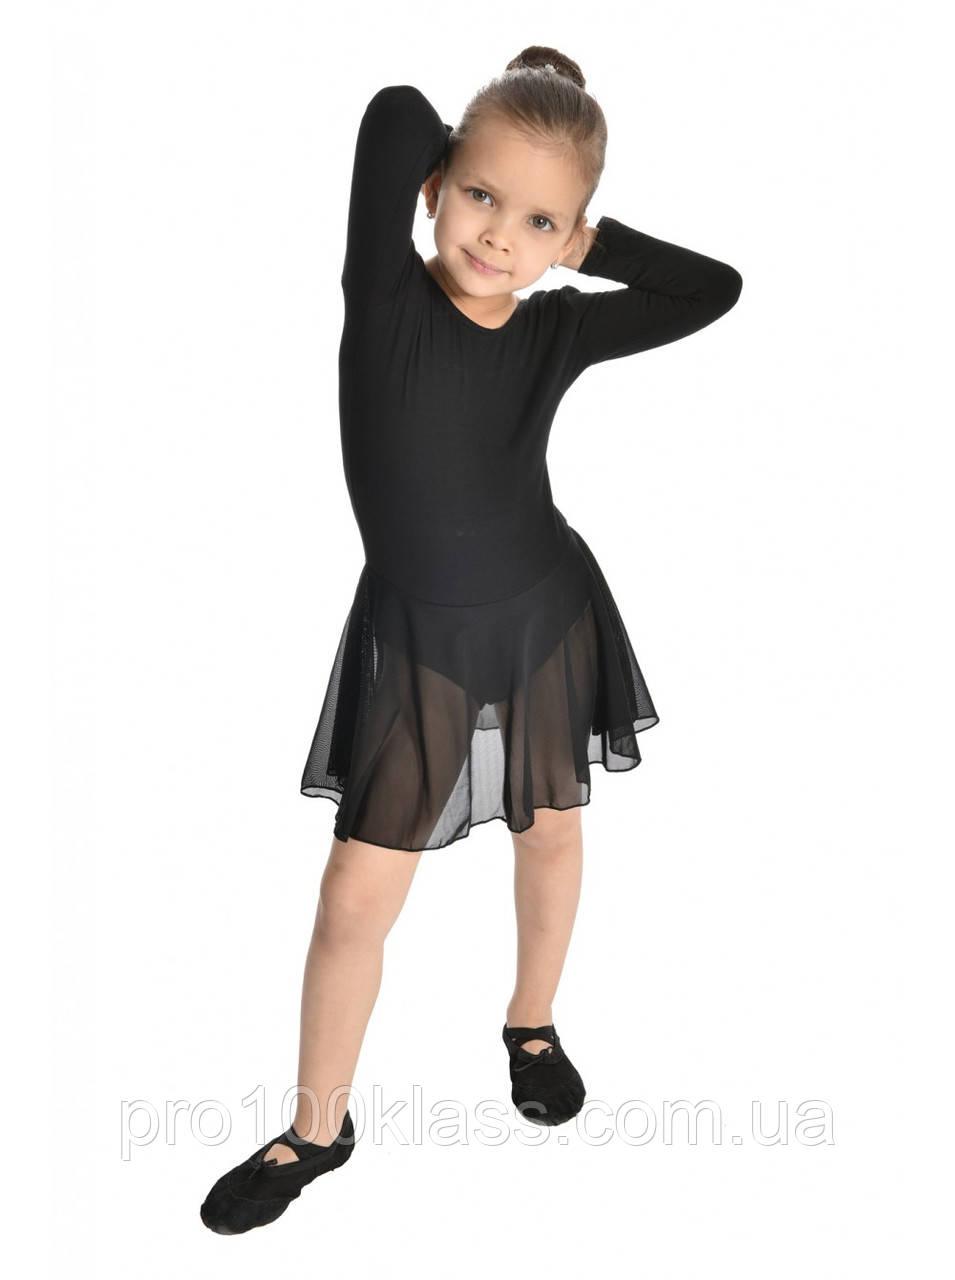 Купальник-бейсик детский, Трико с юбкой шифон для танцев